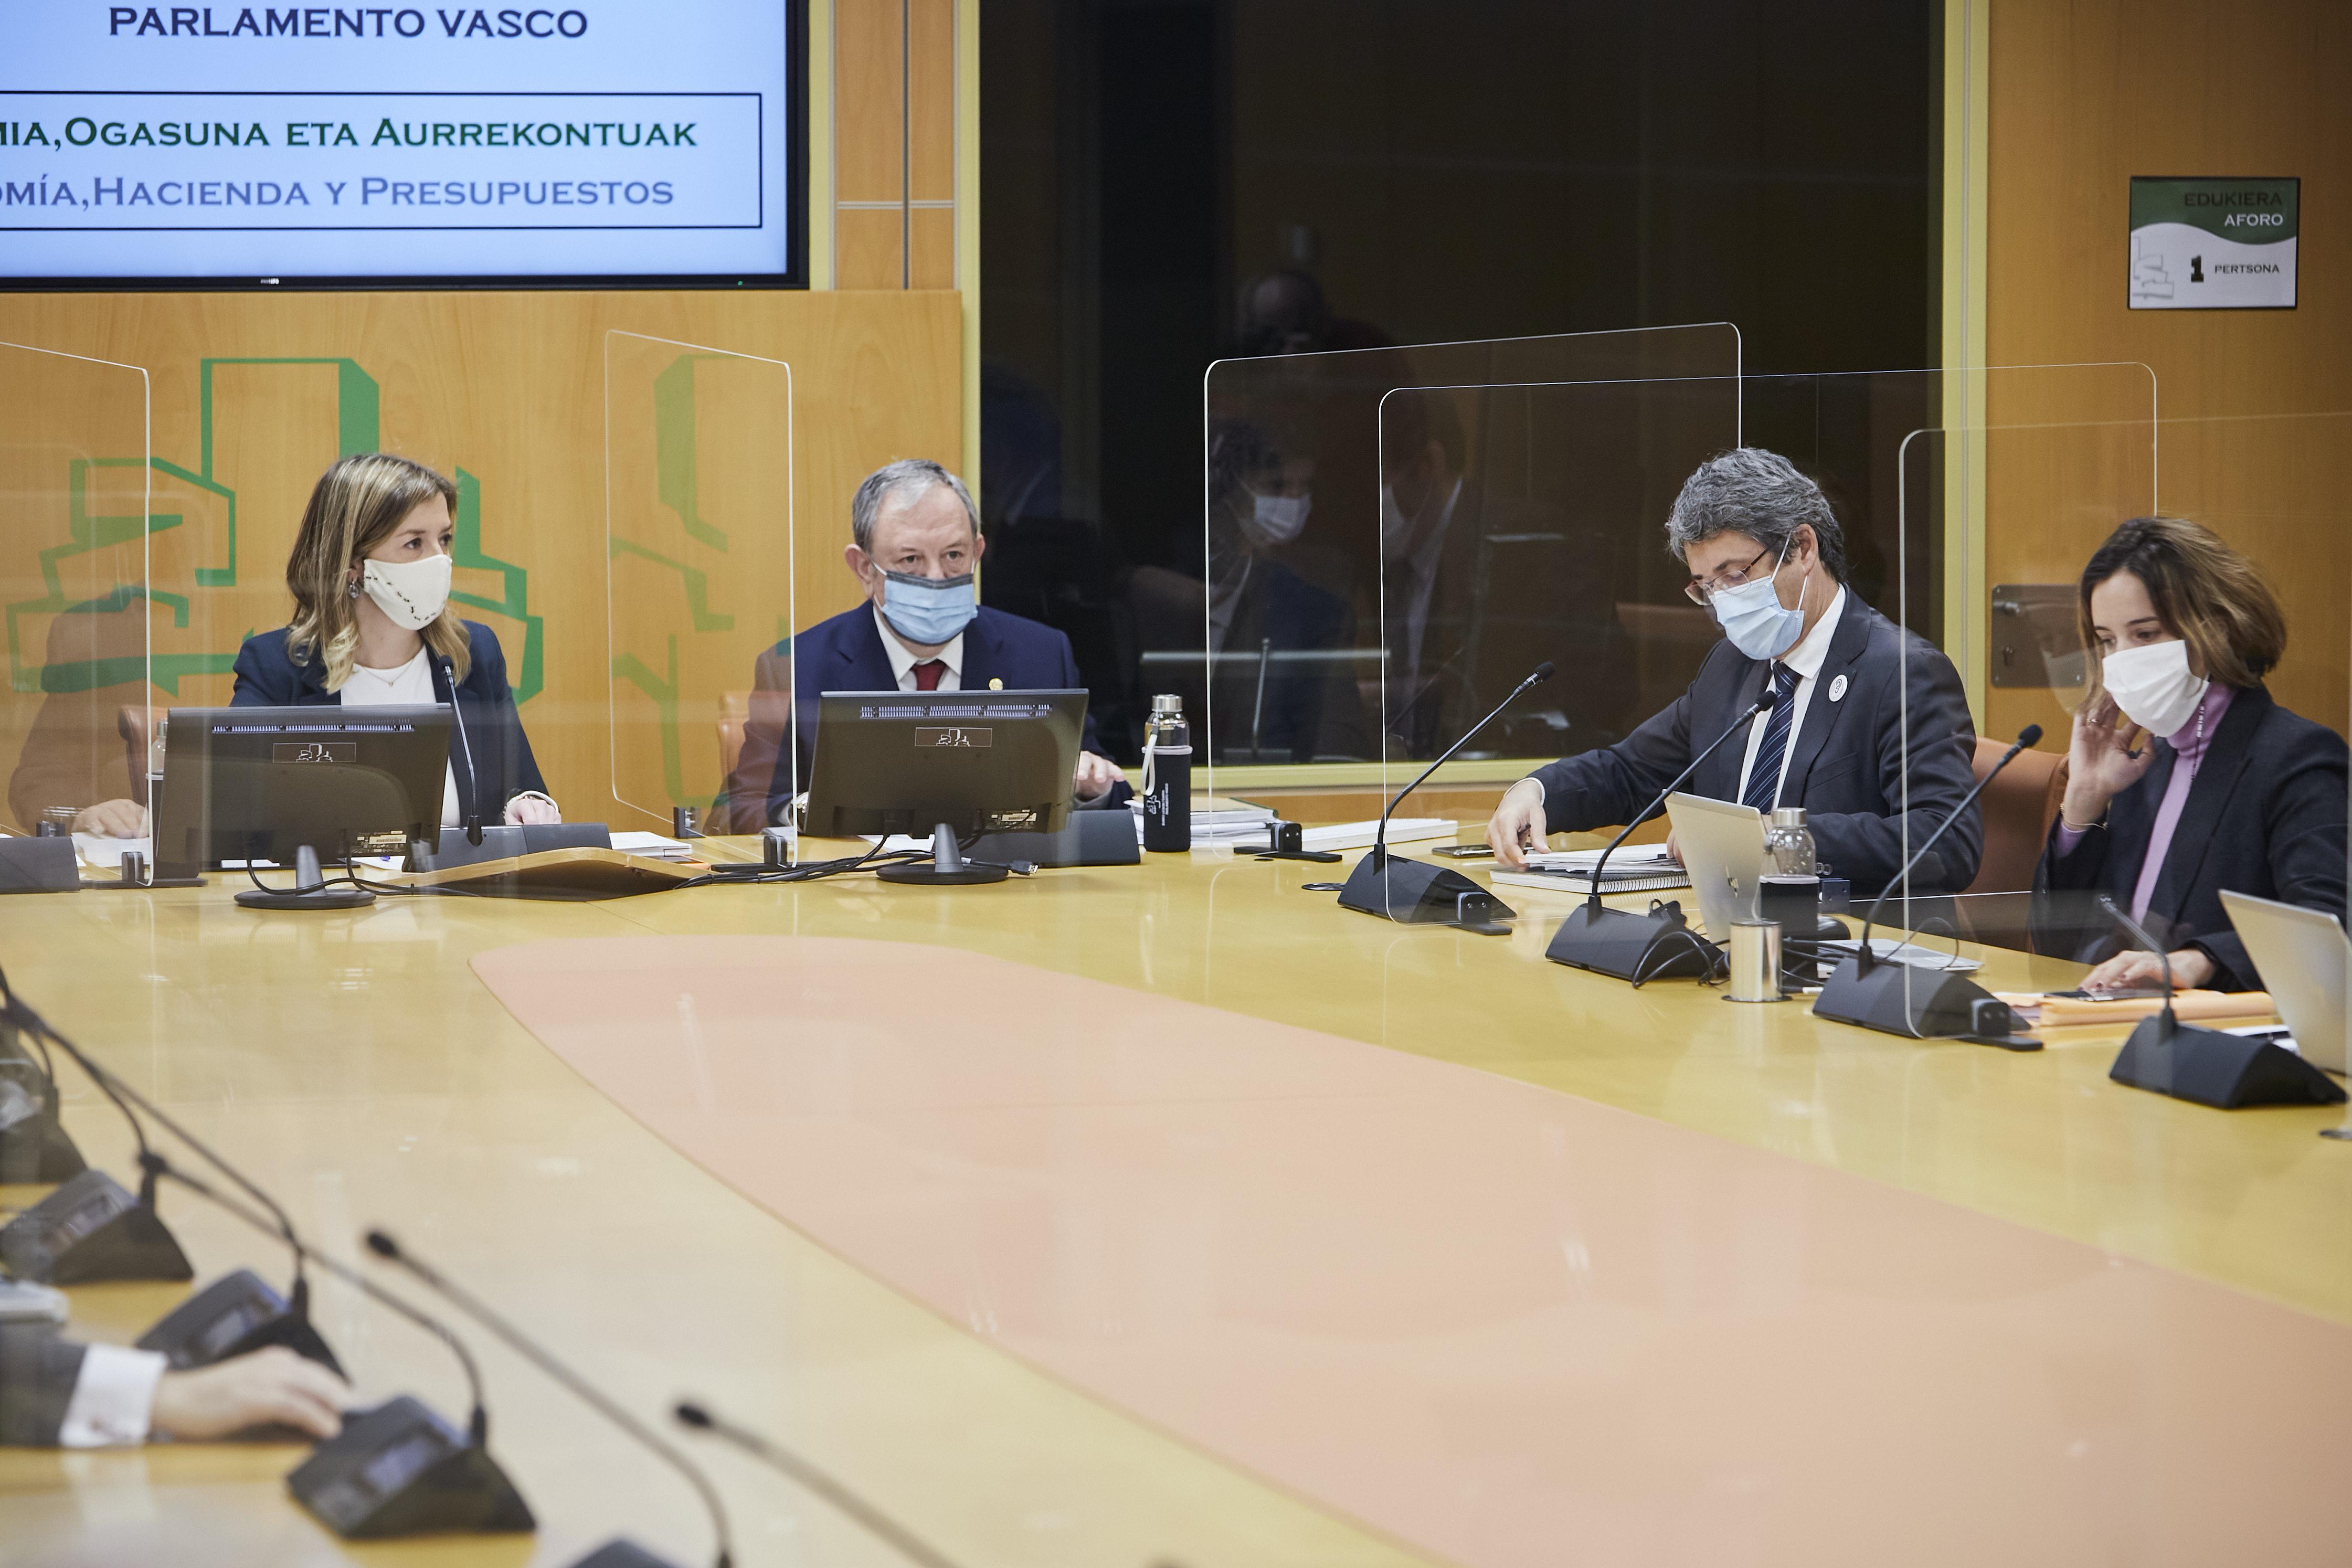 2020.12.09_Comision_de_Economia__Hacienda_y_Presupuestos_026.jpg